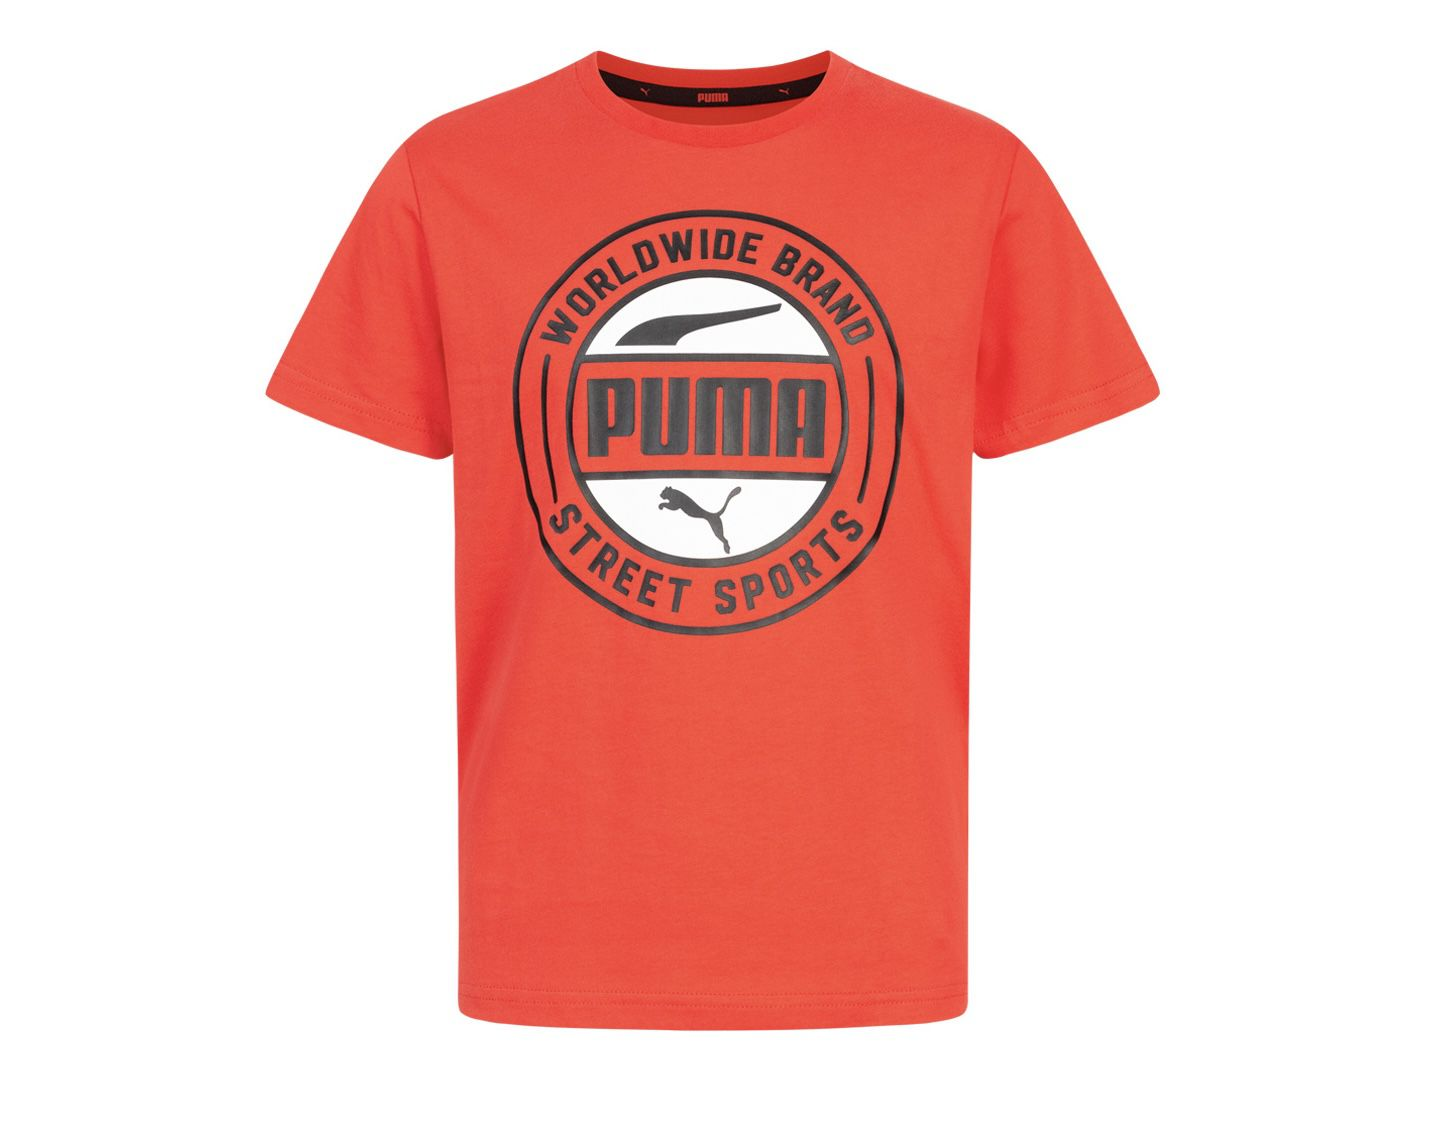 PUMA 583011 11 Alpha Summer Kinder T Shirt in Rot für 7,77€ + VSK (statt 14€)